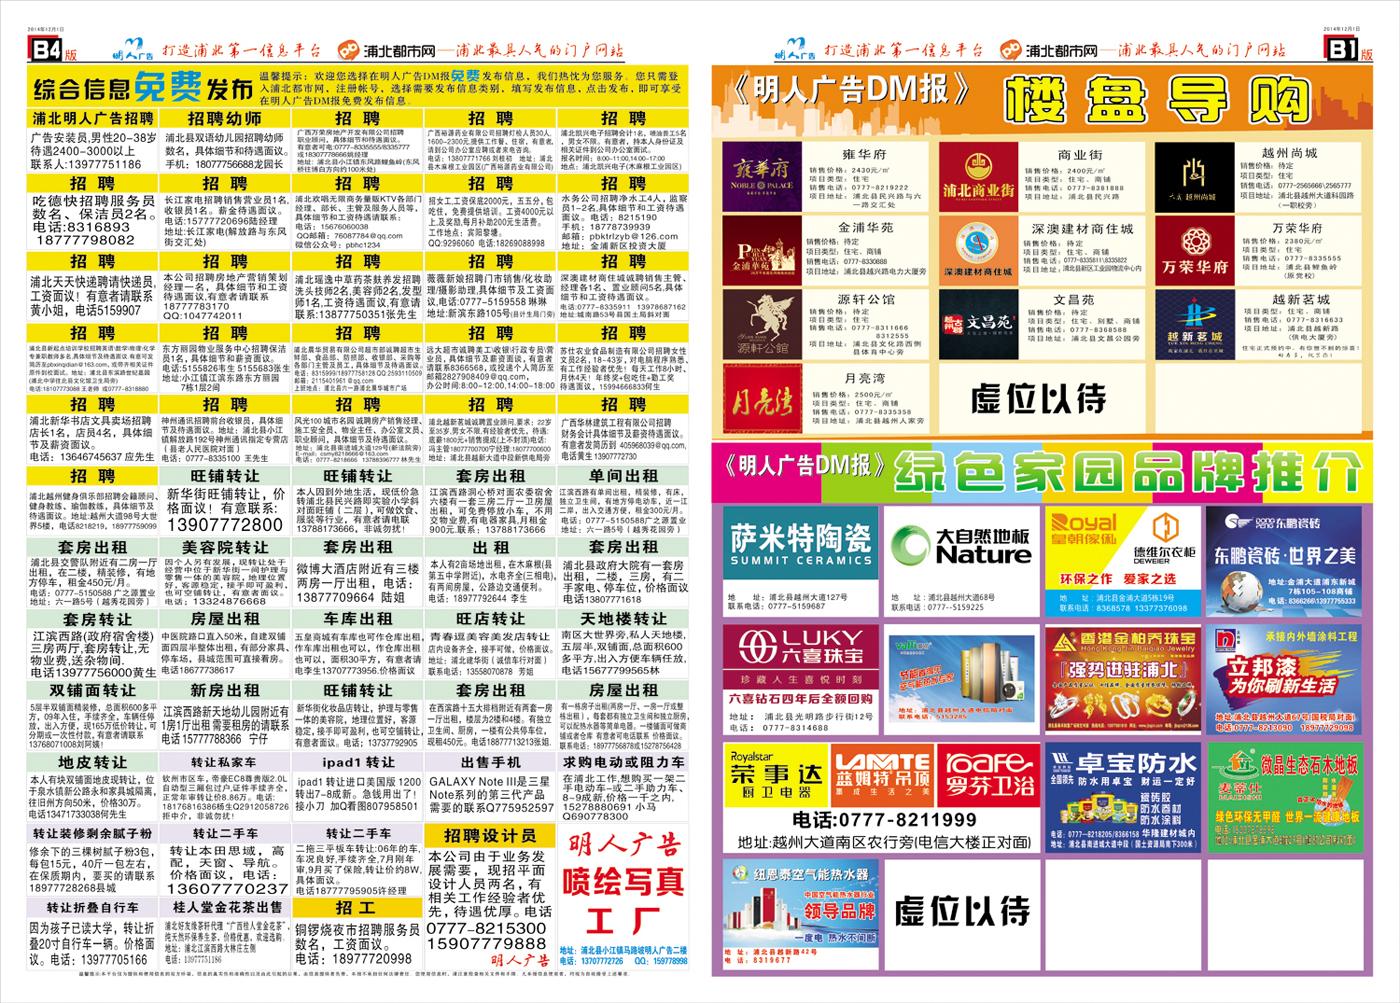 浦北明人广告DM 2014第九期